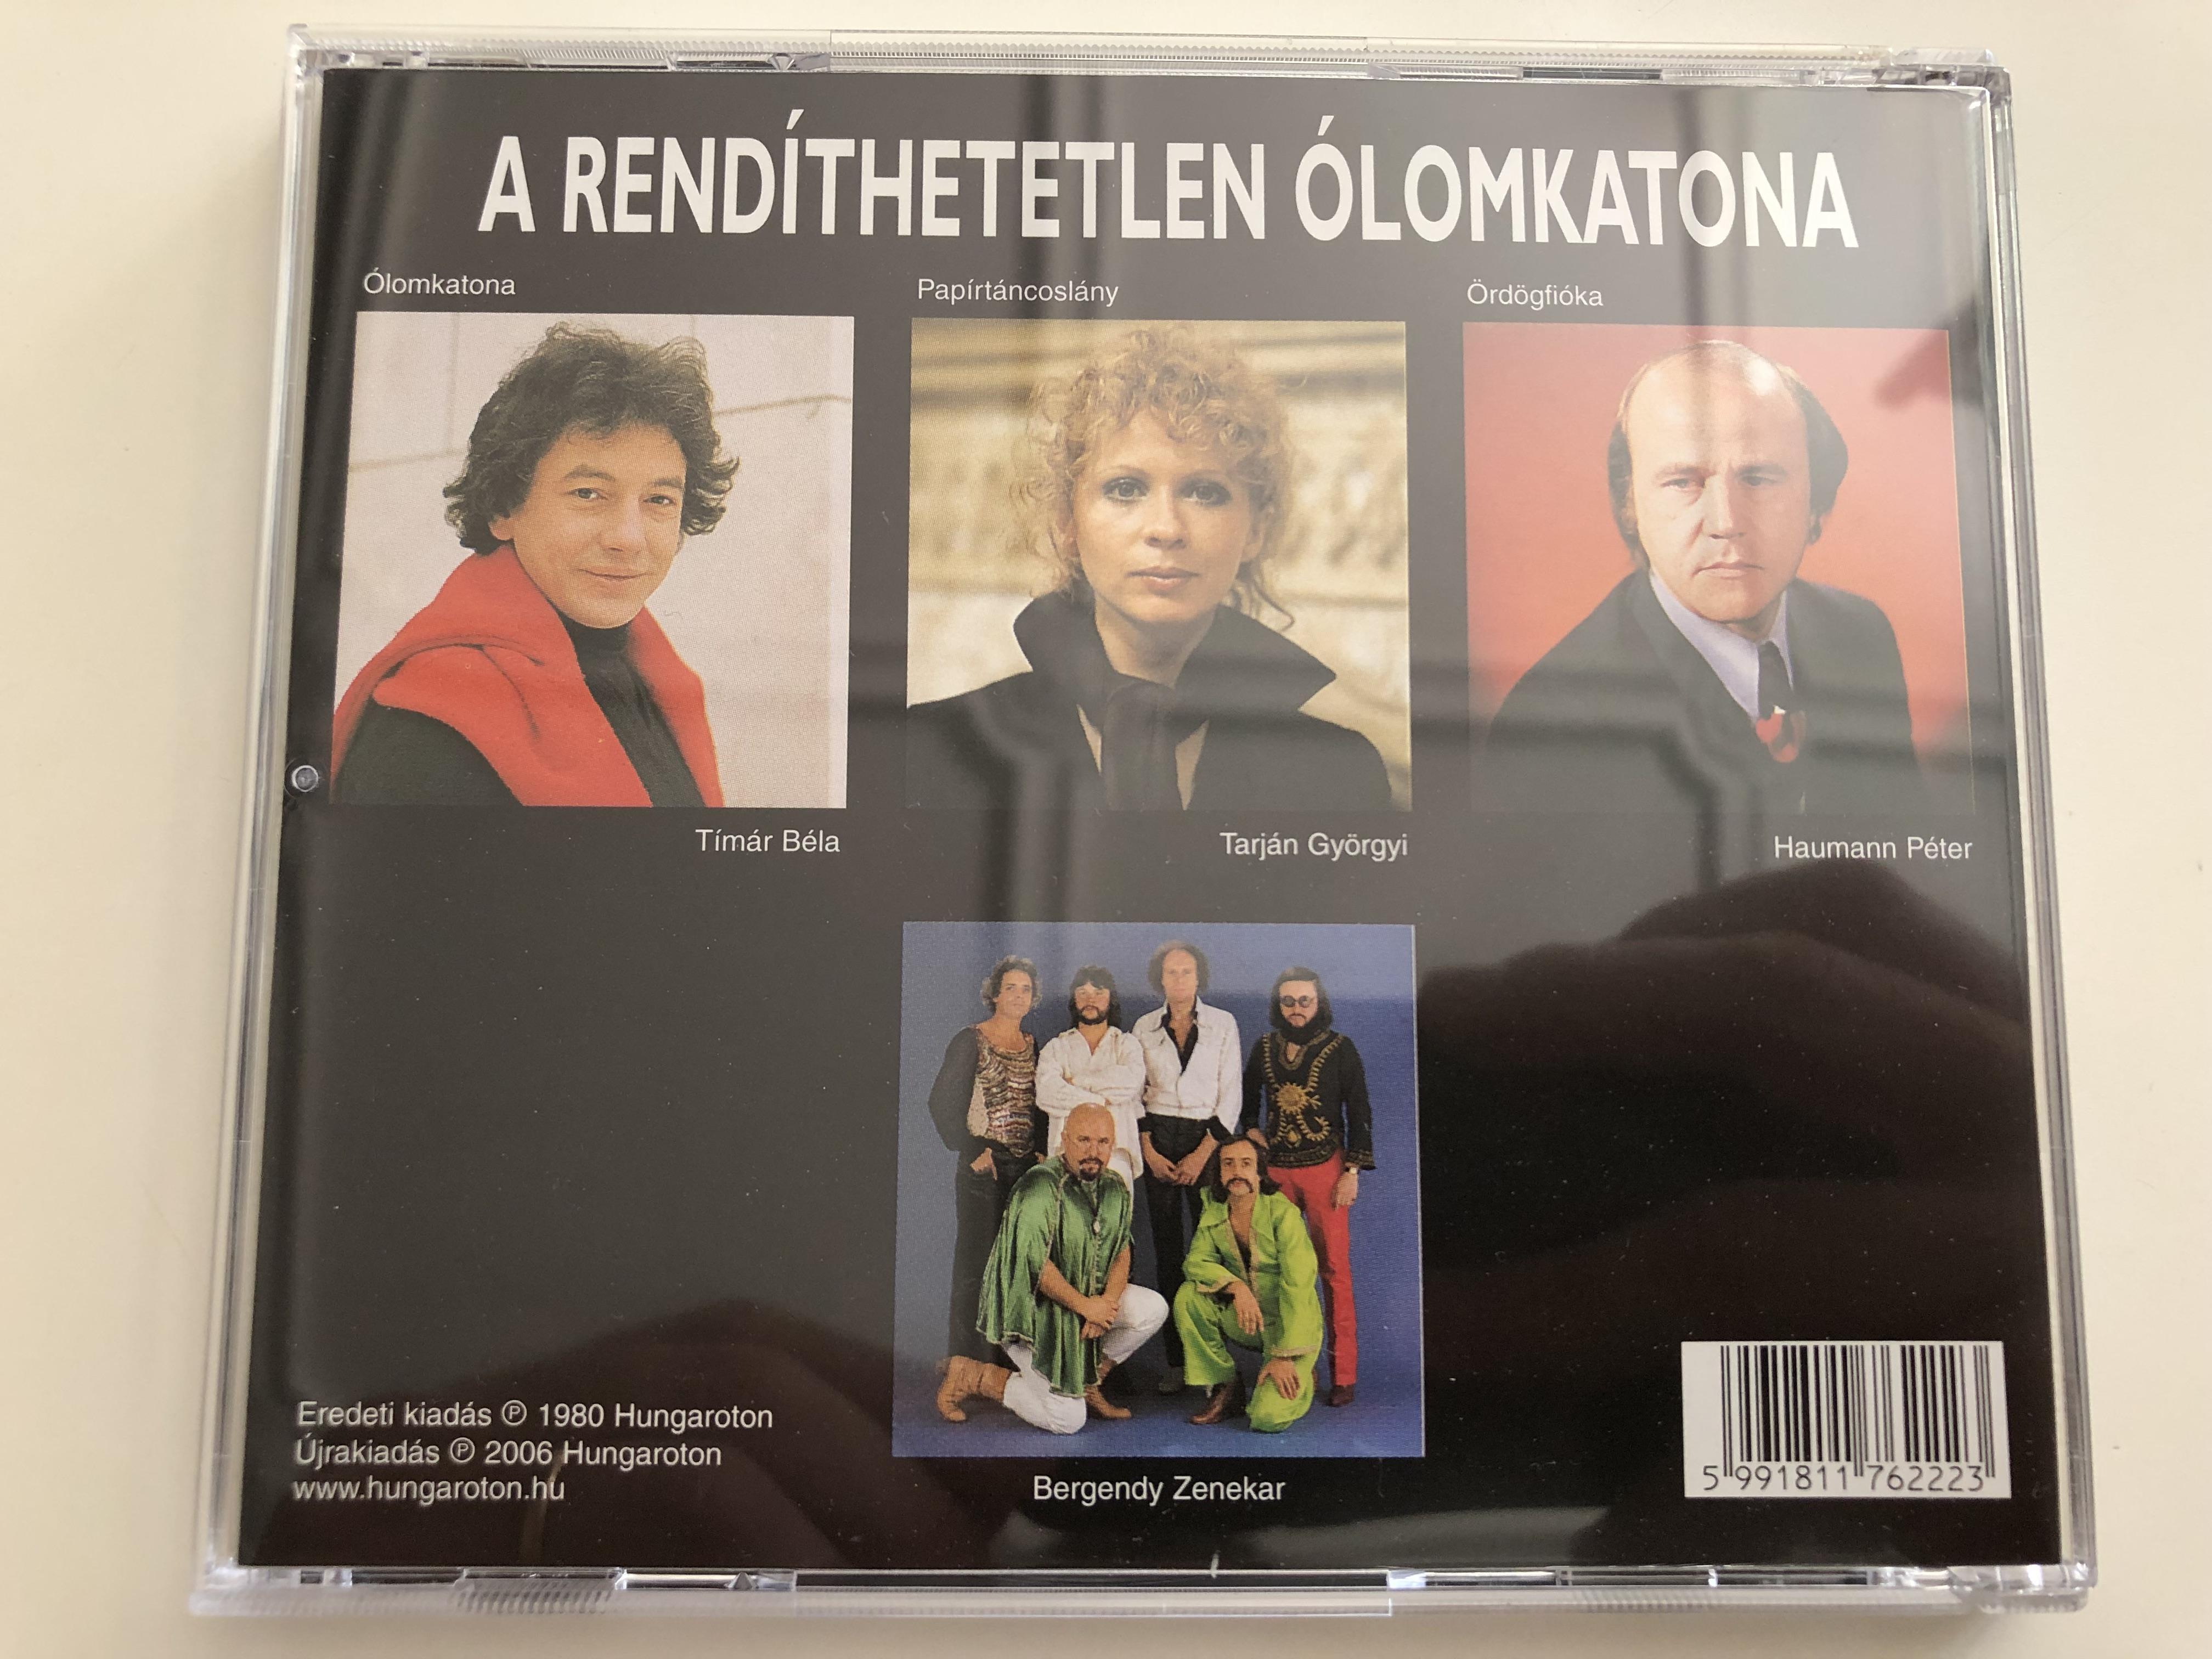 a-rend-thetetlen-lomkatona-andersen-mes-j-b-l-rta-mezei-andr-s-zen-j-t-szerezte-a-bergendy-zenekar-tarj-n-gy-rgyi-haumann-p-ter-t-m-r-b-la-bergendy-zenekar-based-on-andersen-s-story-audio-cd-7-.jpg